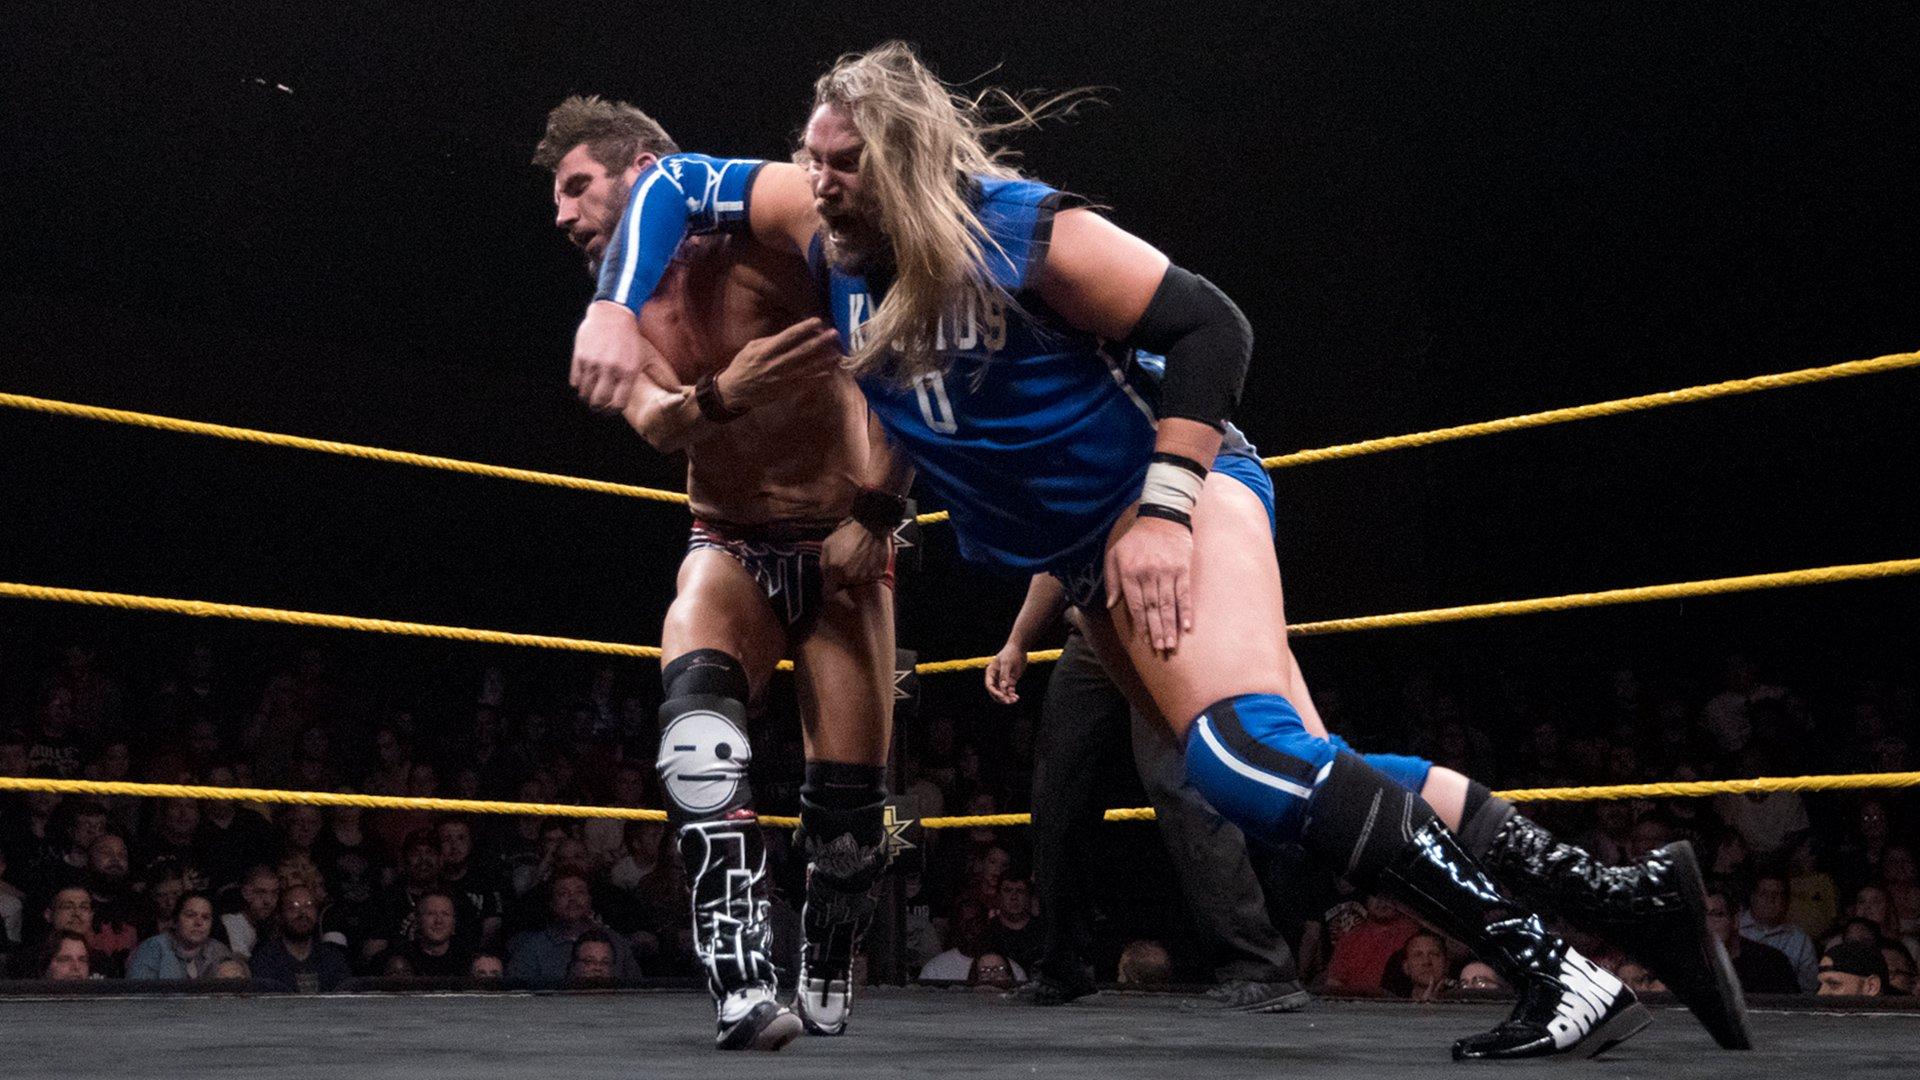 WWE NXT highlights: Dec. 6, 2017